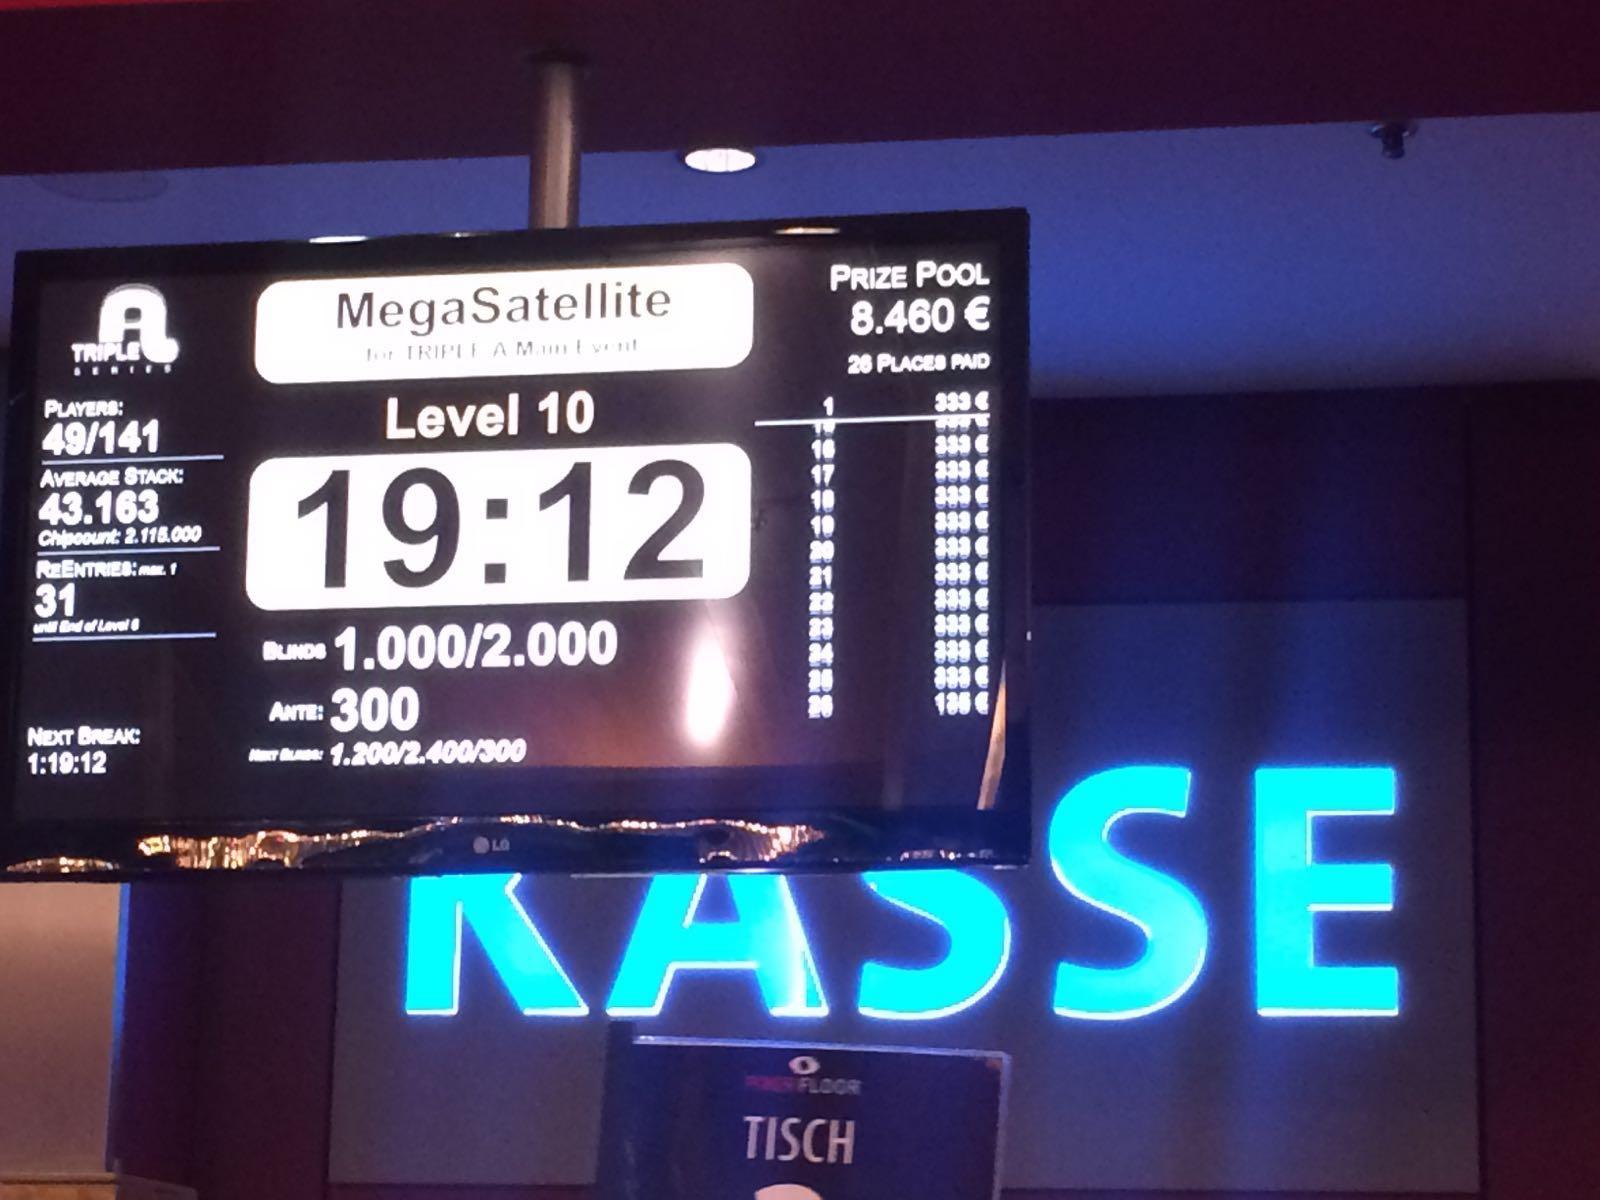 Igt slots online casino